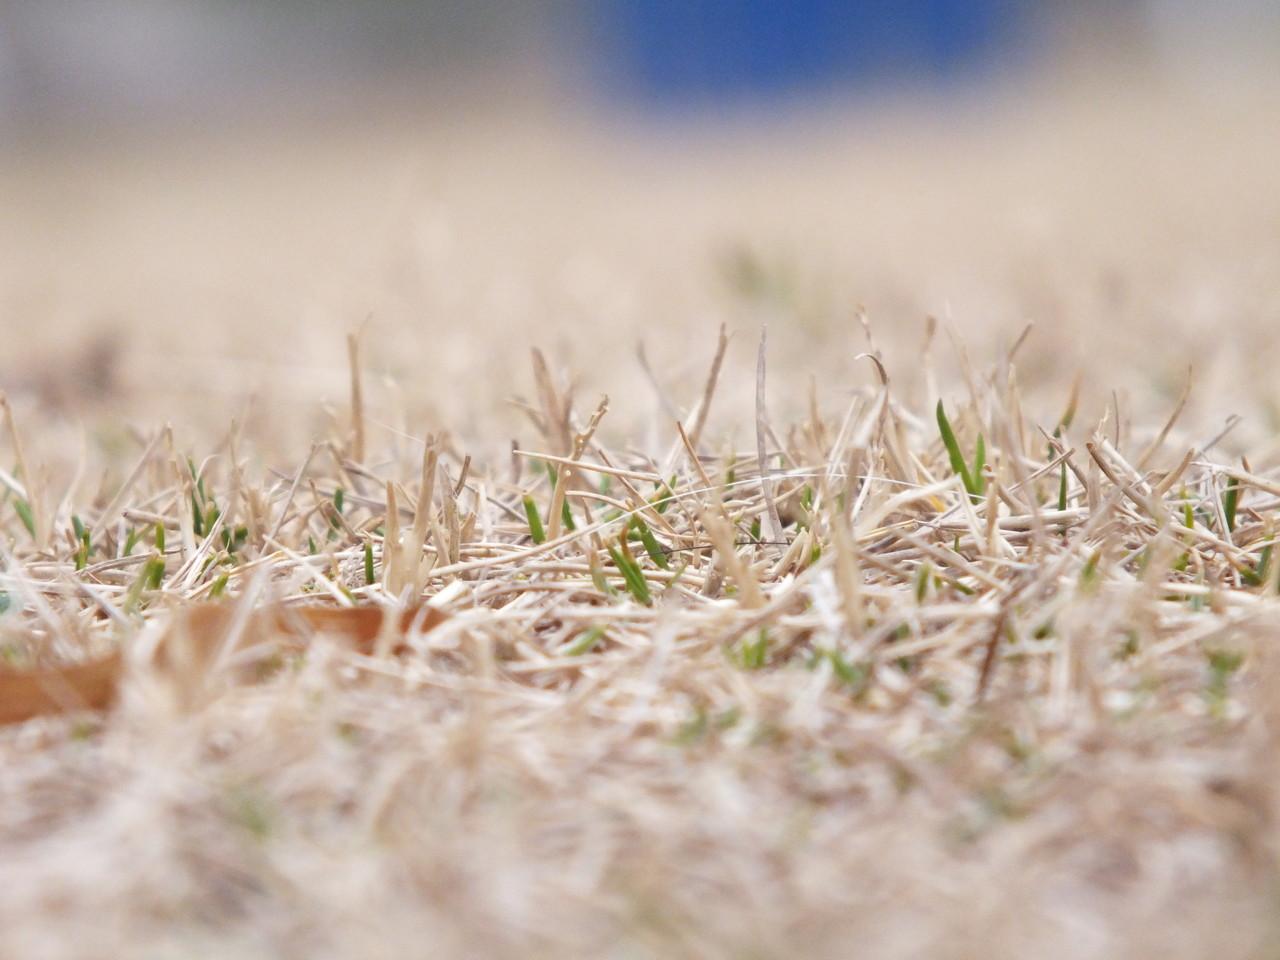 芝生よ、春だよ~。早く出ておいで!